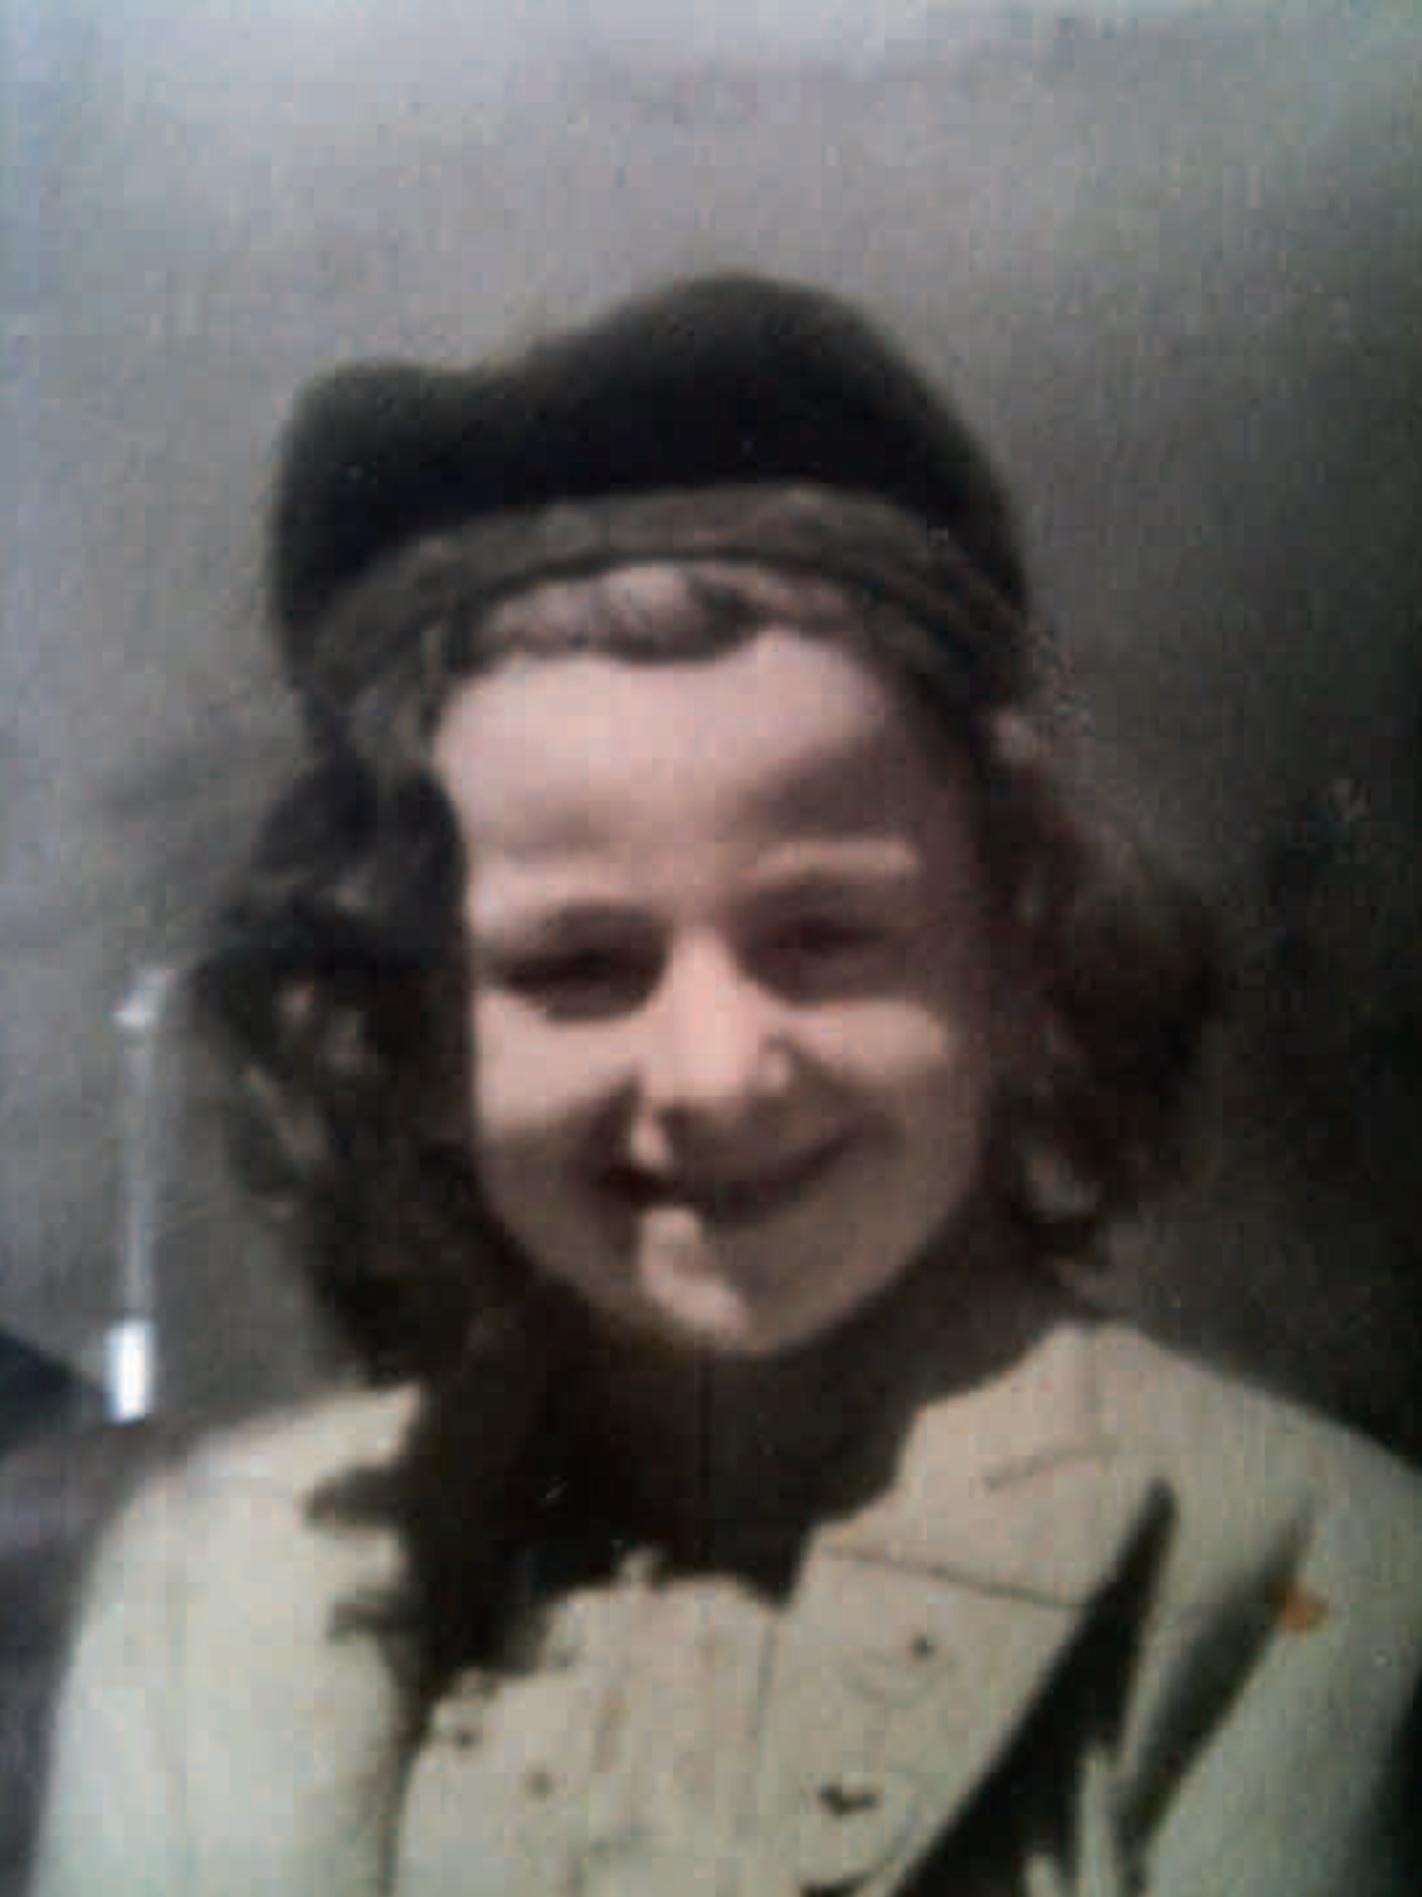 Annette Gletzere est déportée à Auschwitz le 19 août 1942 par le convoi 21.